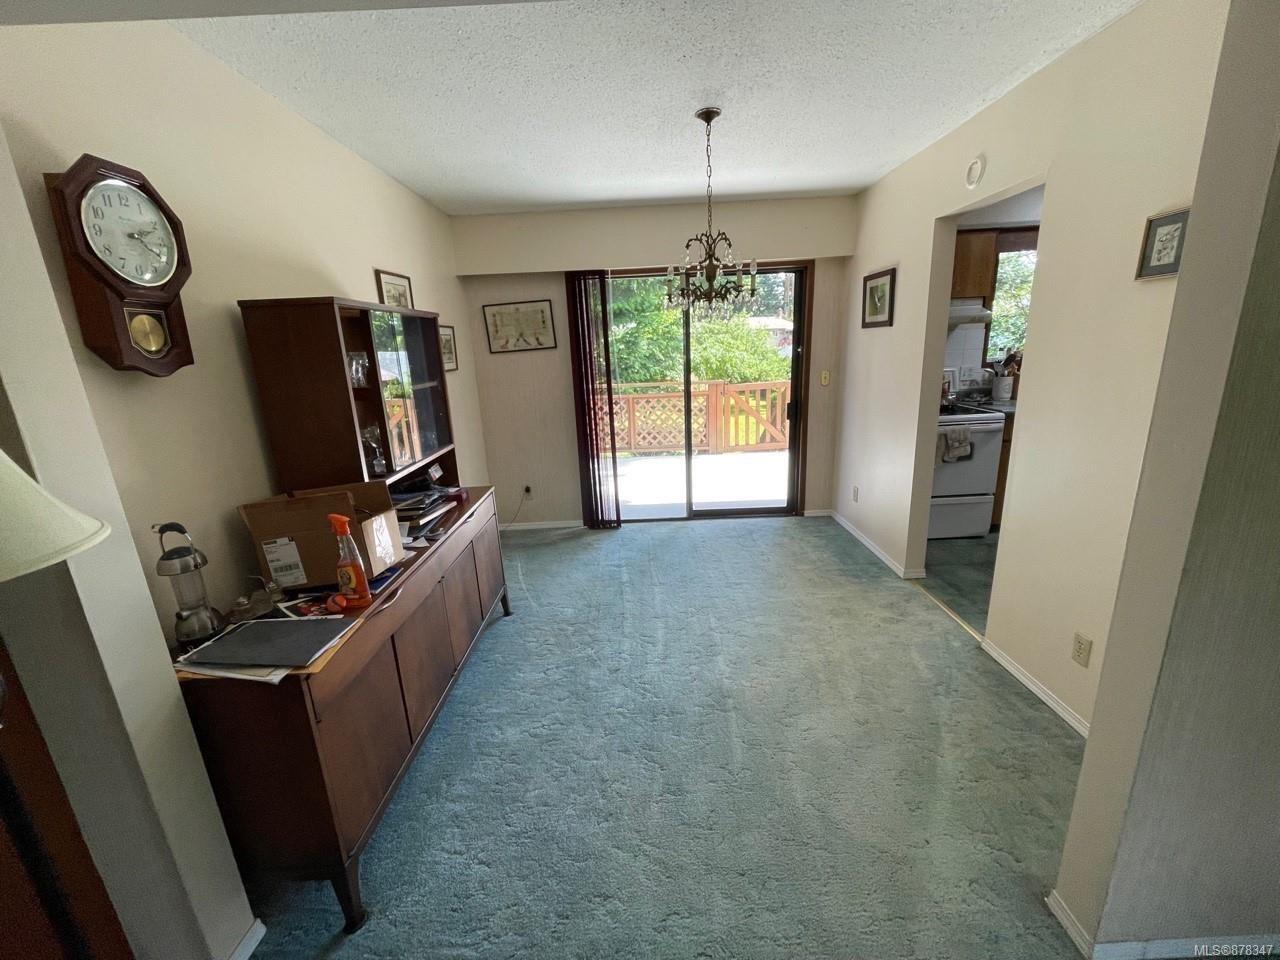 Photo 3: Photos: 334 Texada Pl in : CV Comox (Town of) House for sale (Comox Valley)  : MLS®# 878347